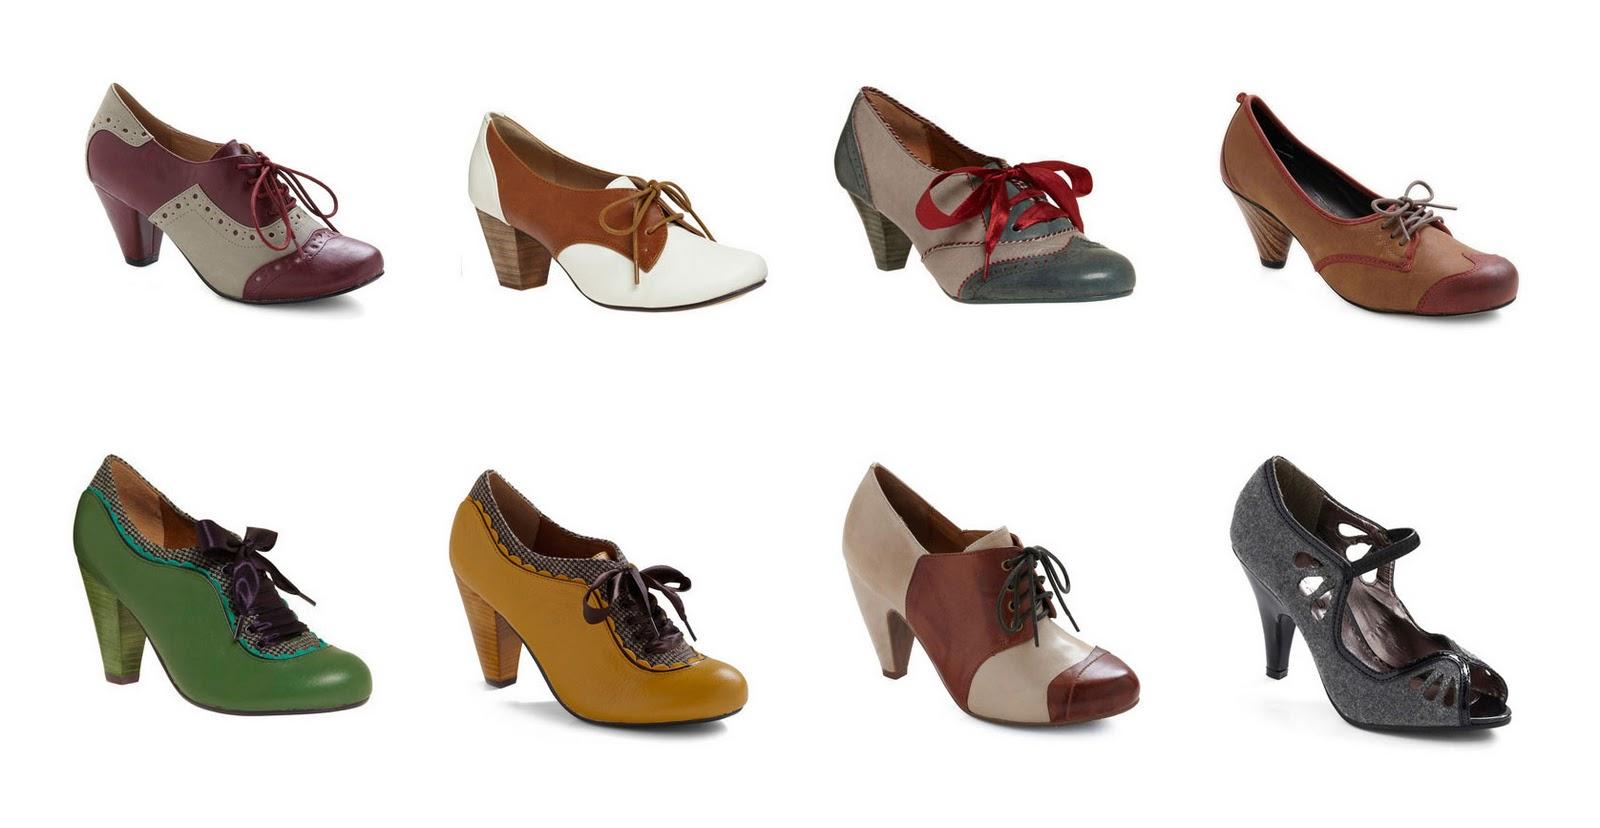 Popular Oxford Shoes For Women Flats 2016 Fashion Brogue Oxford Women Shoes